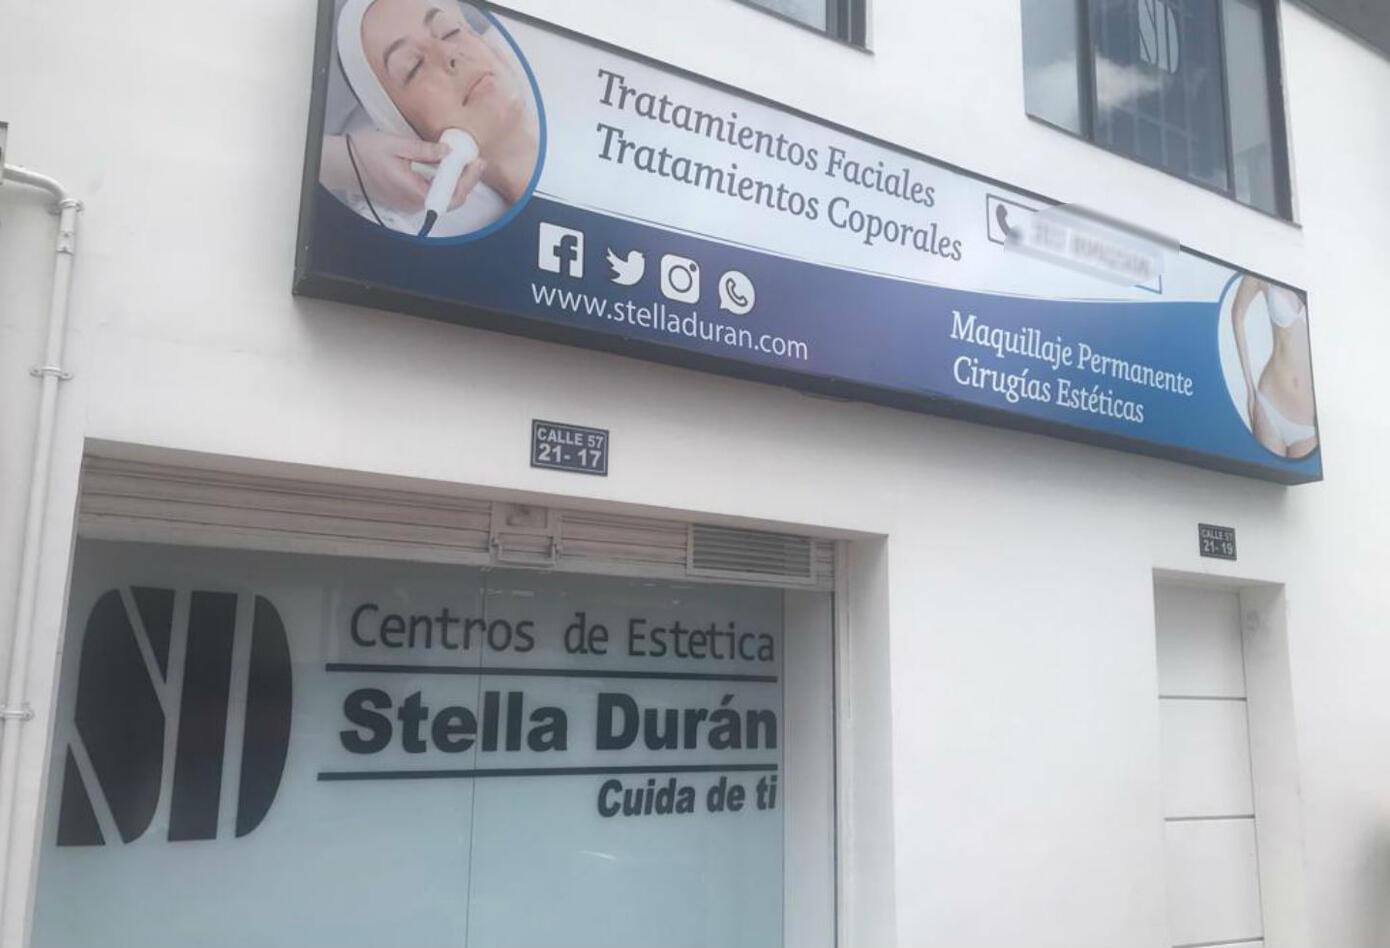 Centros de Estética y Spa de Stella Duran